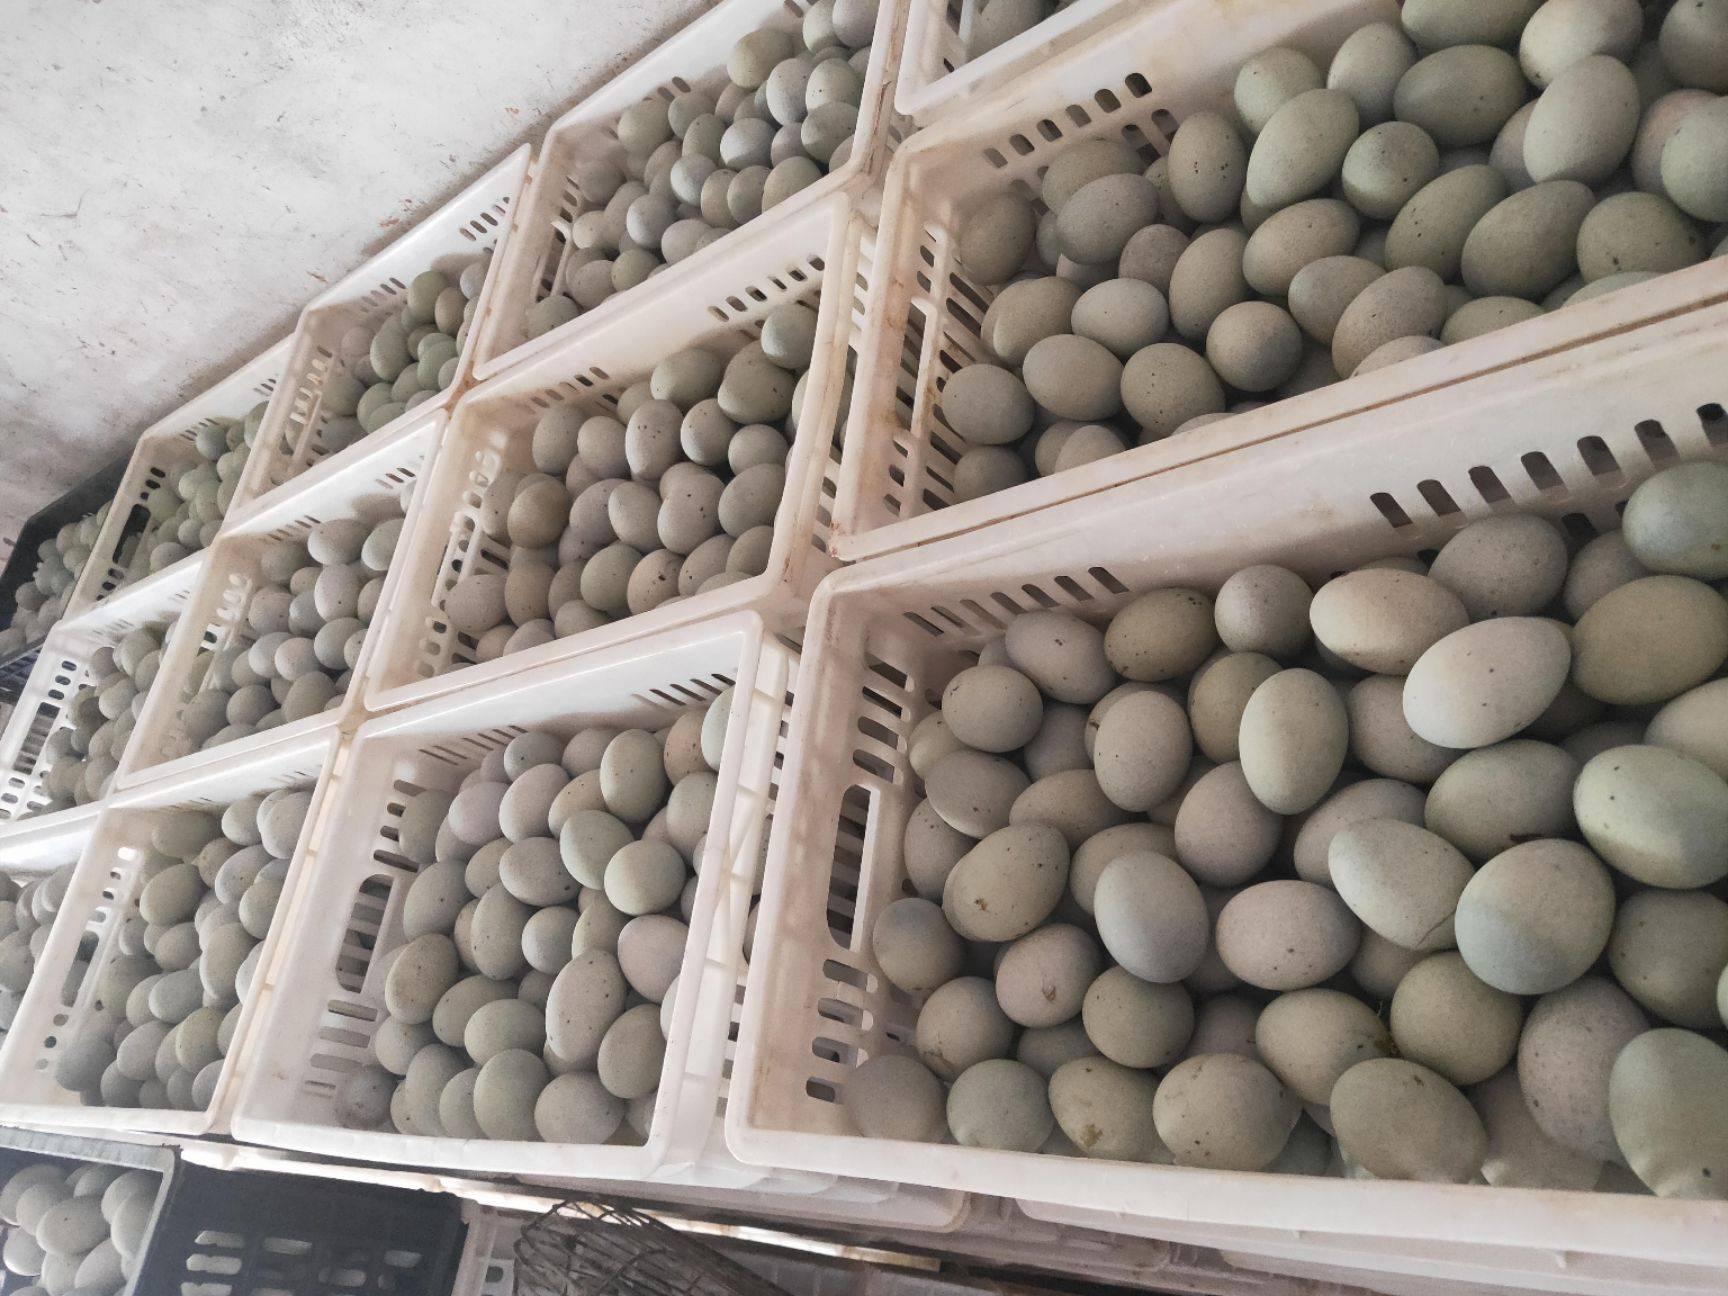 [松花皮蛋批发] 出售沙心松花皮蛋松花鸭皮蛋价格6.2元/斤